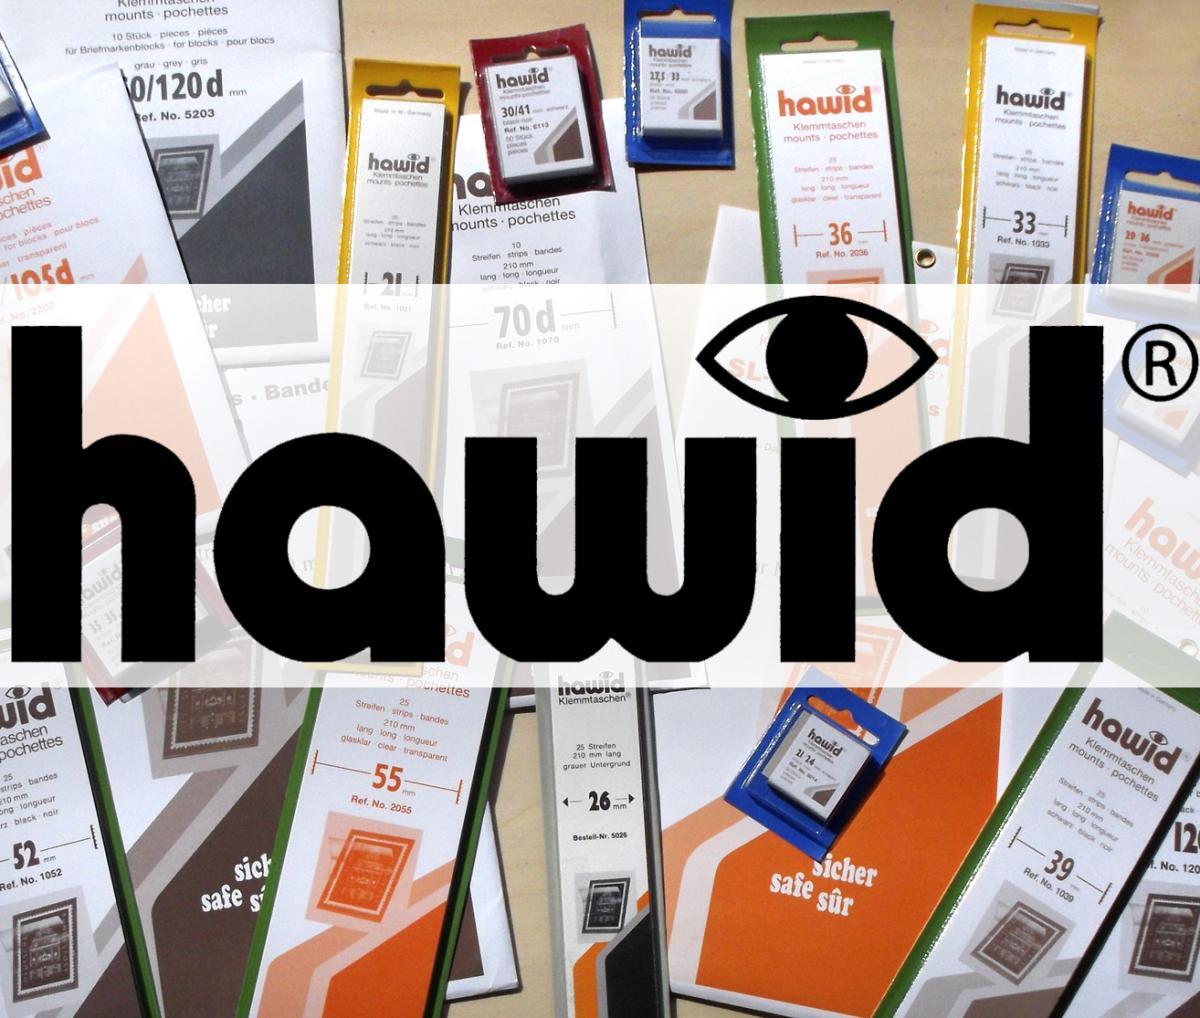 HAWID-Zuschnitte Klemmtaschen 25 x 36 mm, glasklar, 50 Stück, blaue Verpackung 0